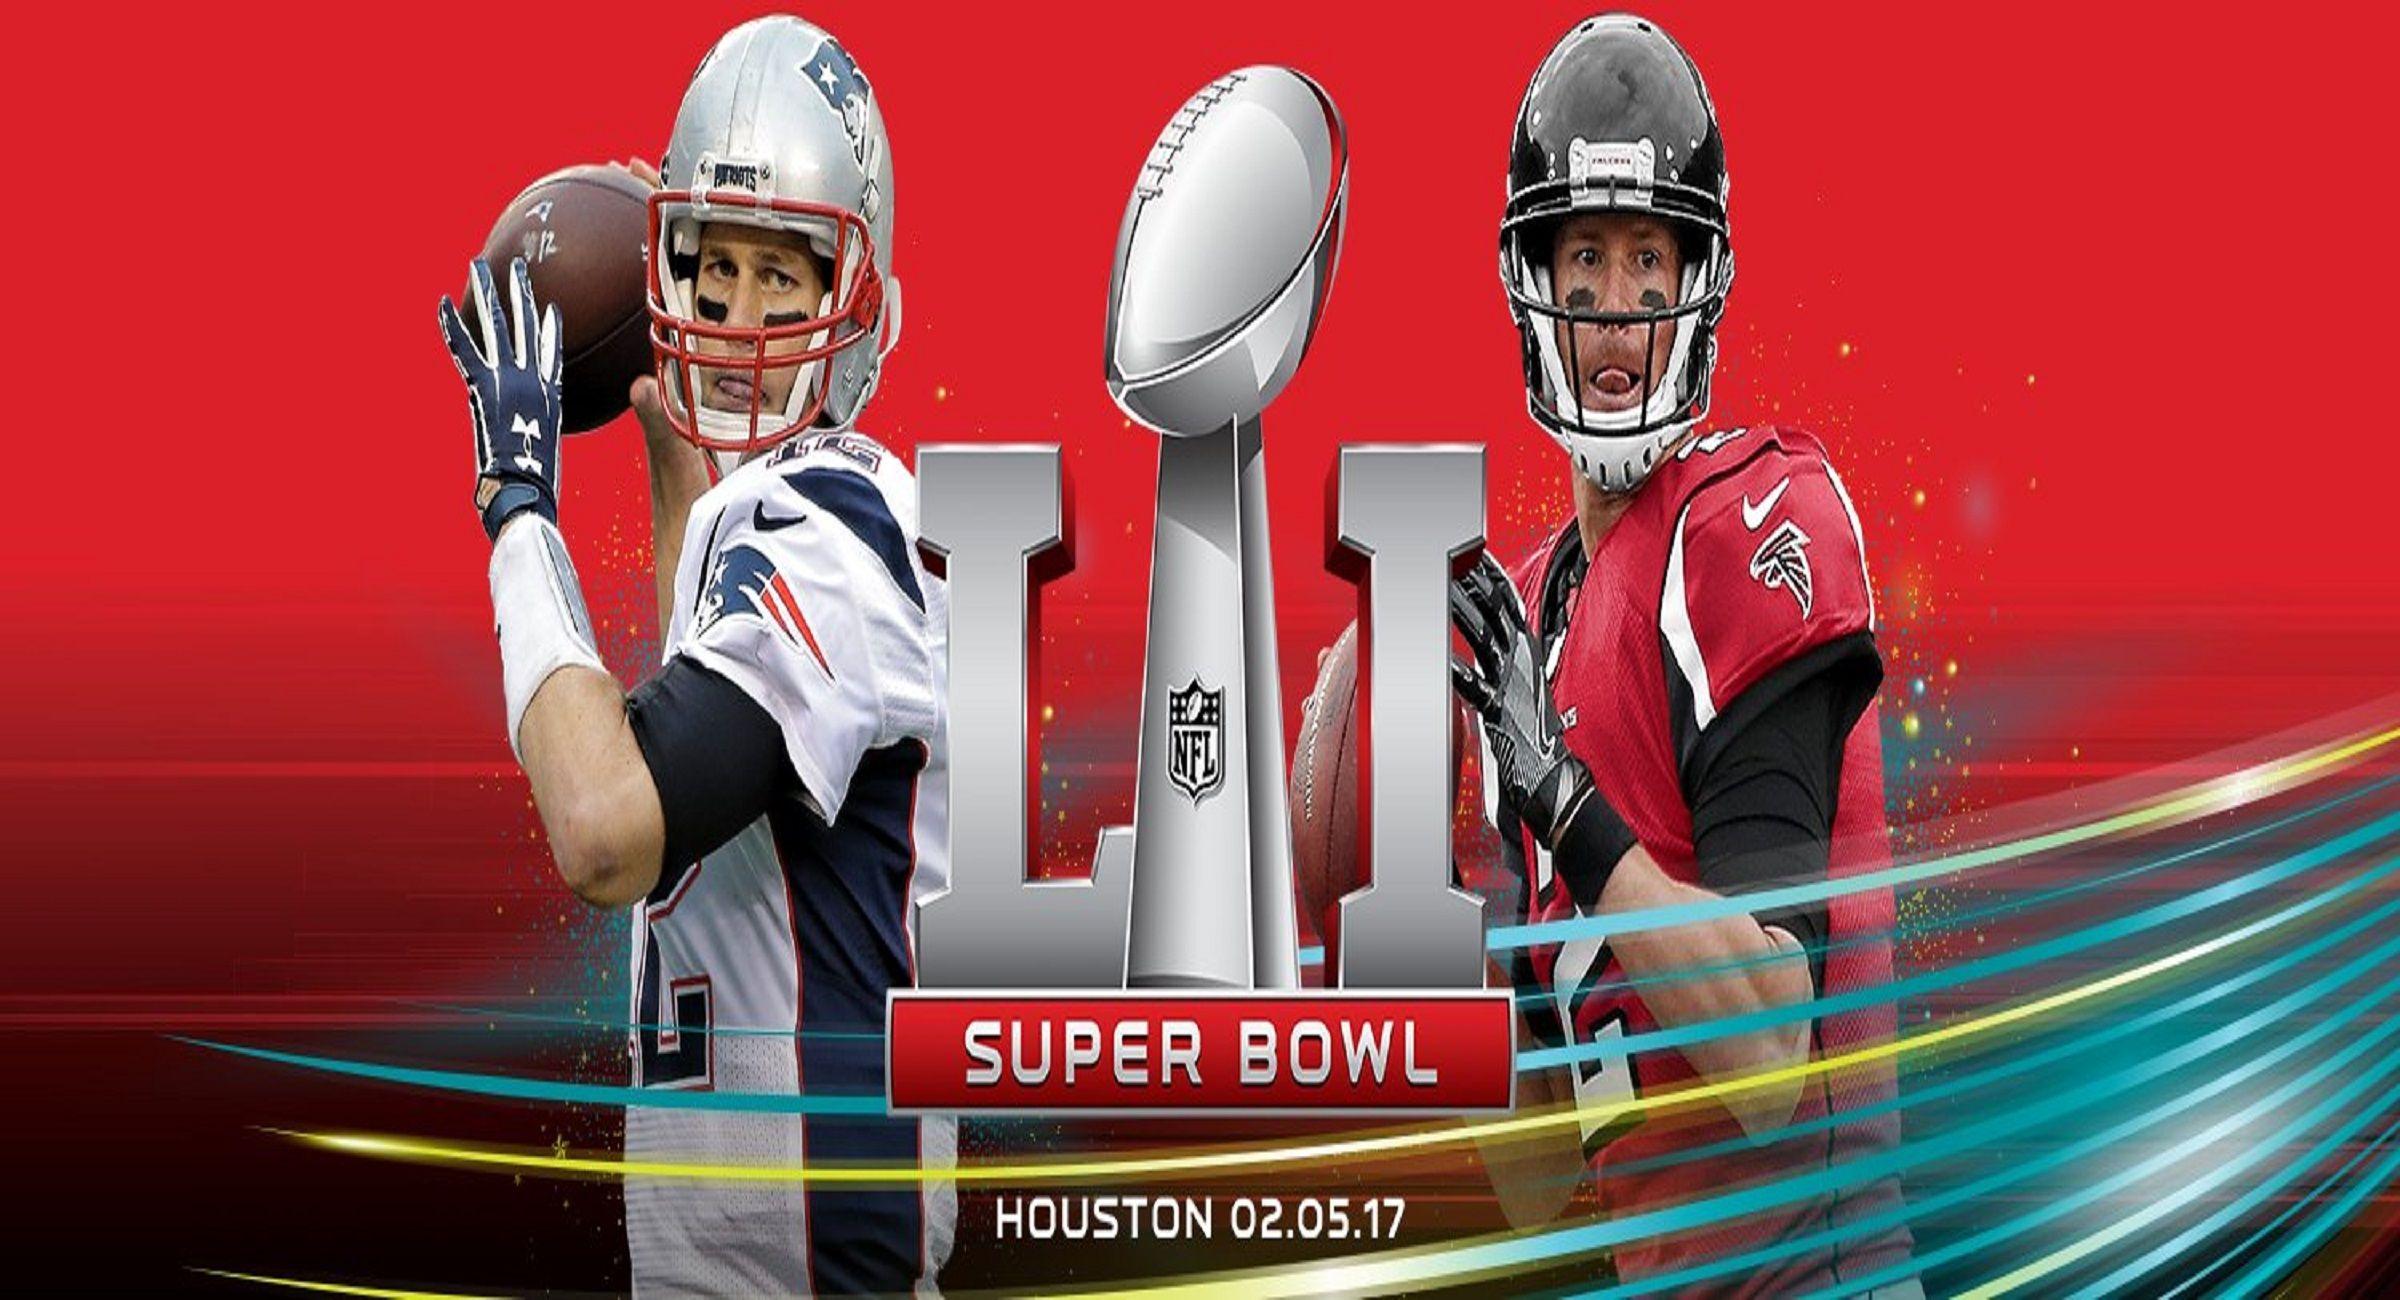 Super Bowl Live Stream Watch Nfl Super Bowl Live Stream Between Patriots Vs Falcons Online Will Be Held On 5 Feb 17 Super Bowl Live Super Bowl Super Bowl 51